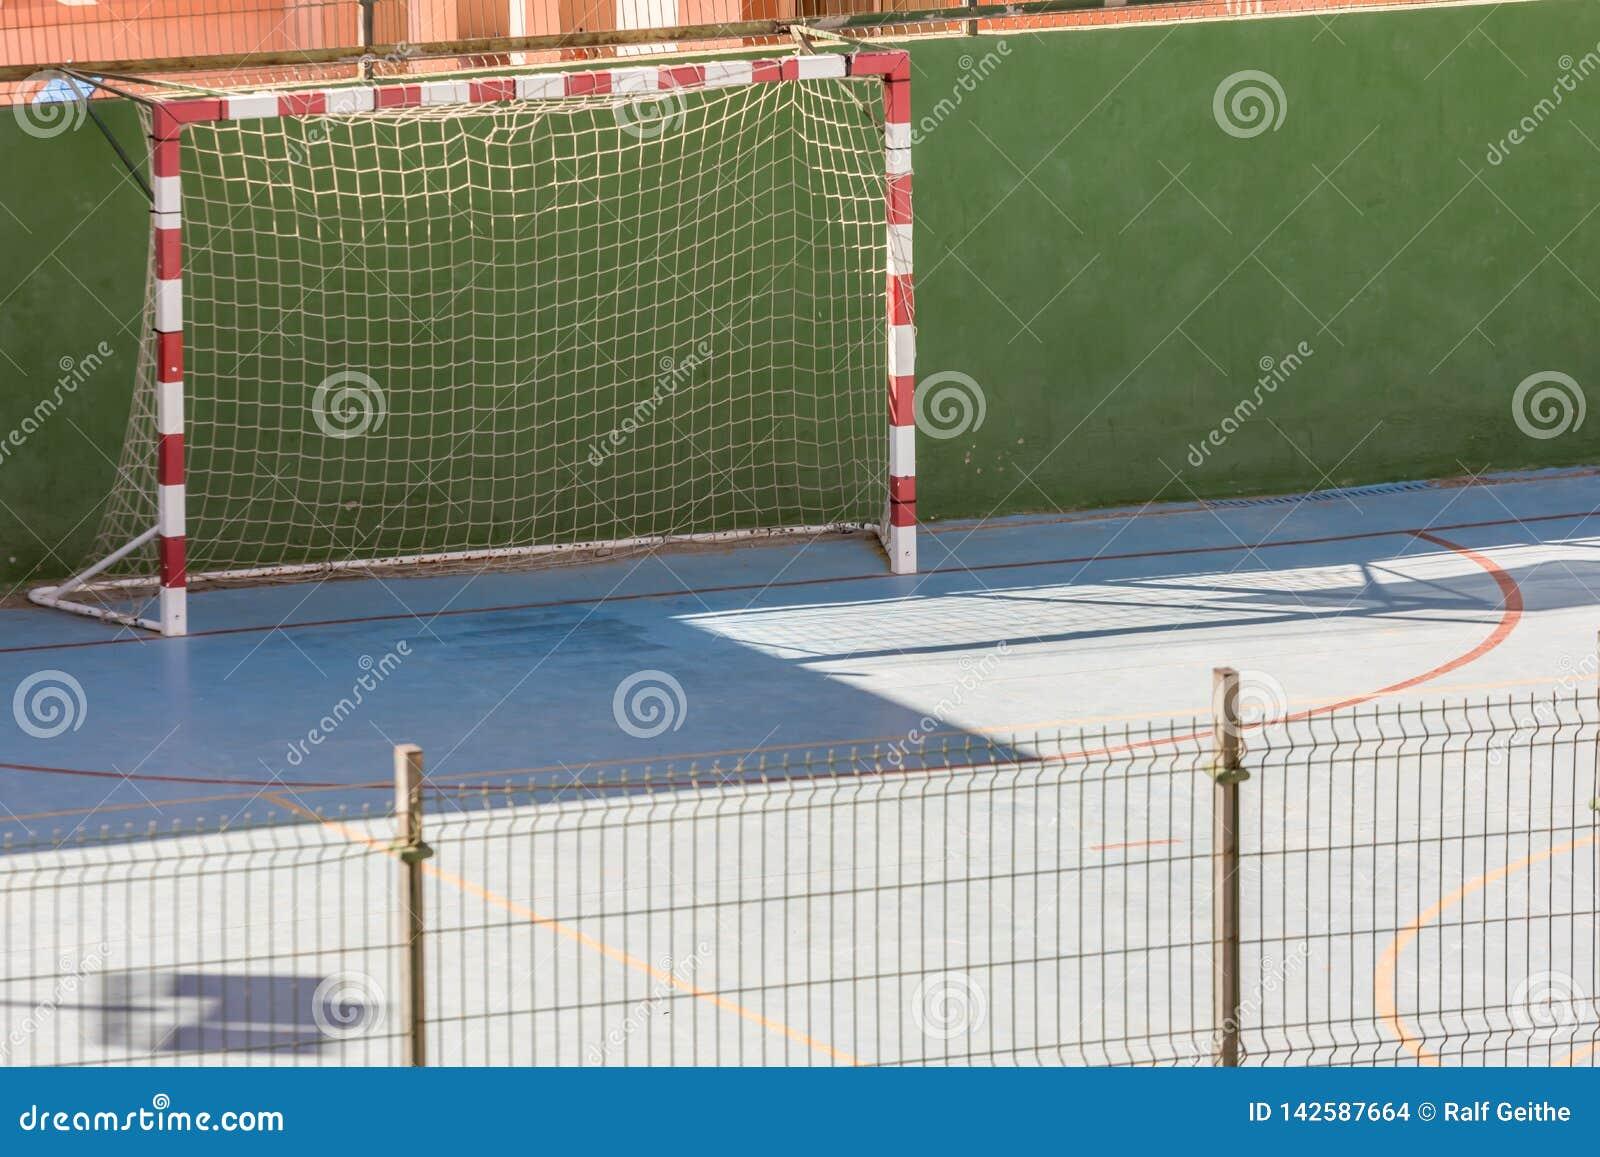 Campo de futebol em uma cidade para esportes em uma corte dura